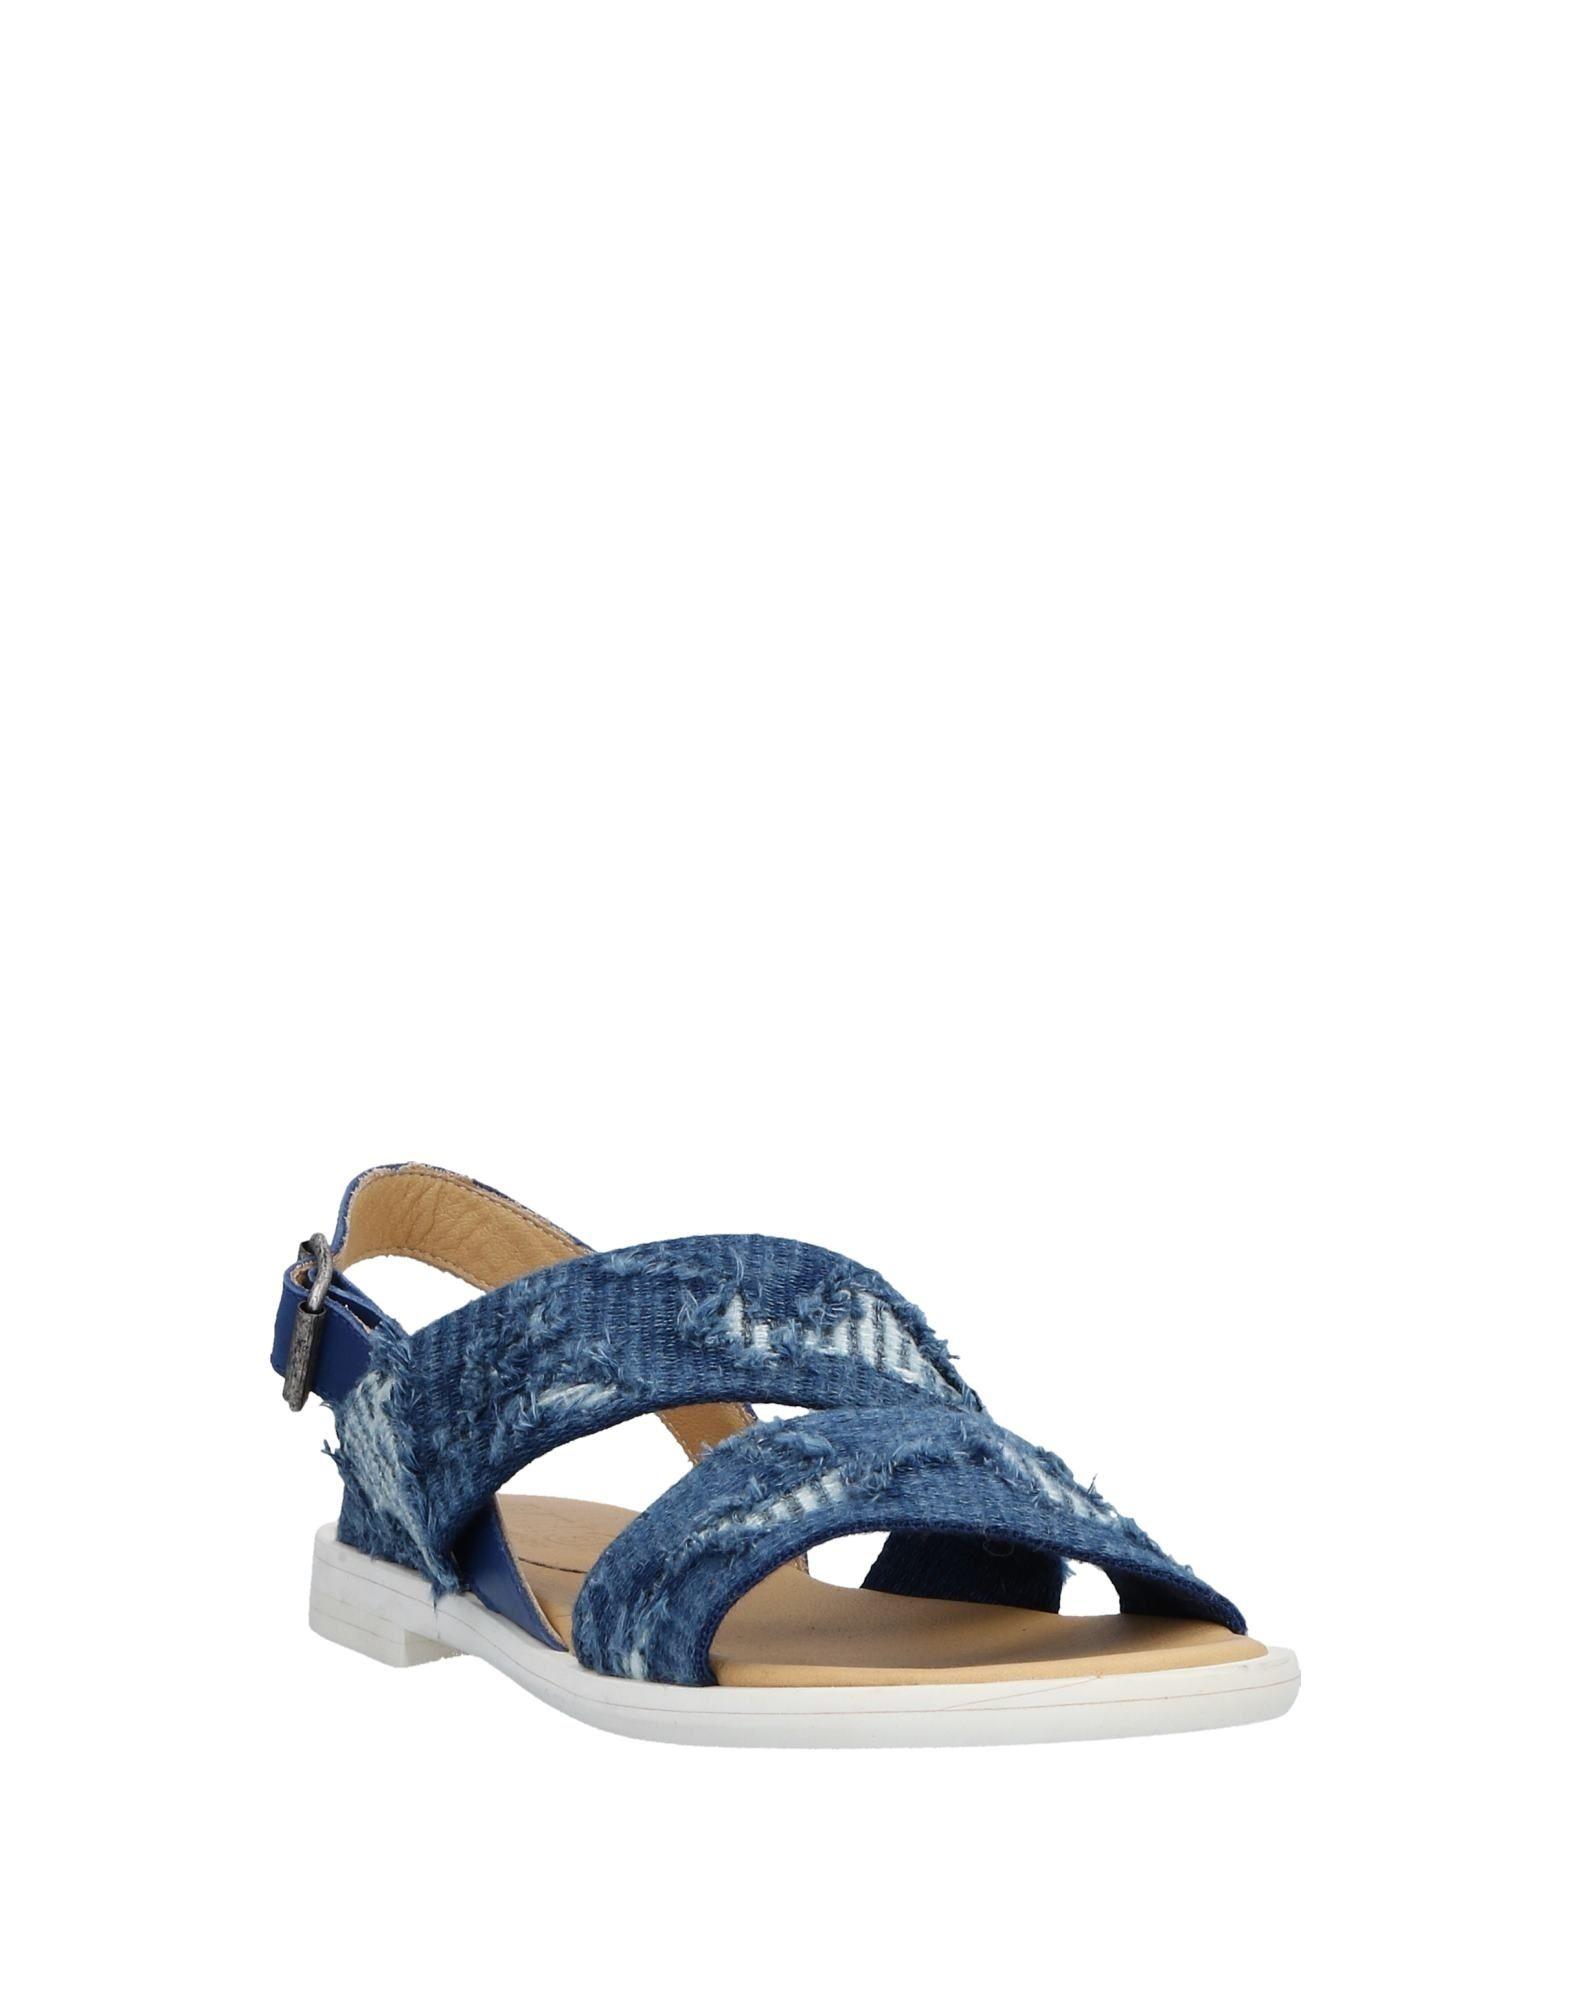 Mm6 Maison Margiela Schuhe Sandalen Damen  11530713QH Neue Schuhe Margiela 96560d